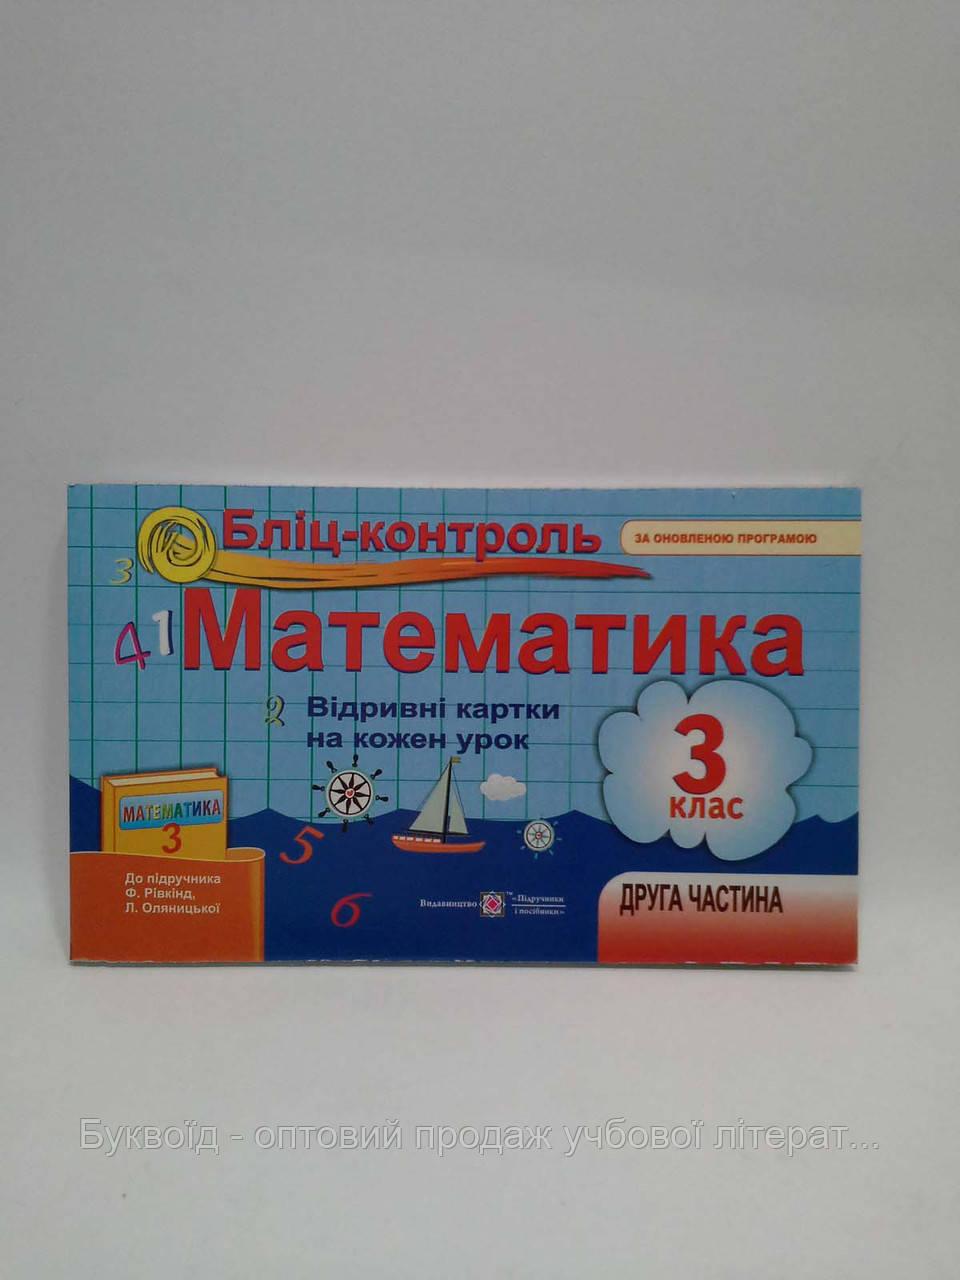 Бліц Математика 3 клас до Рівкінд Частина 2 Відривні картки на кожен урок